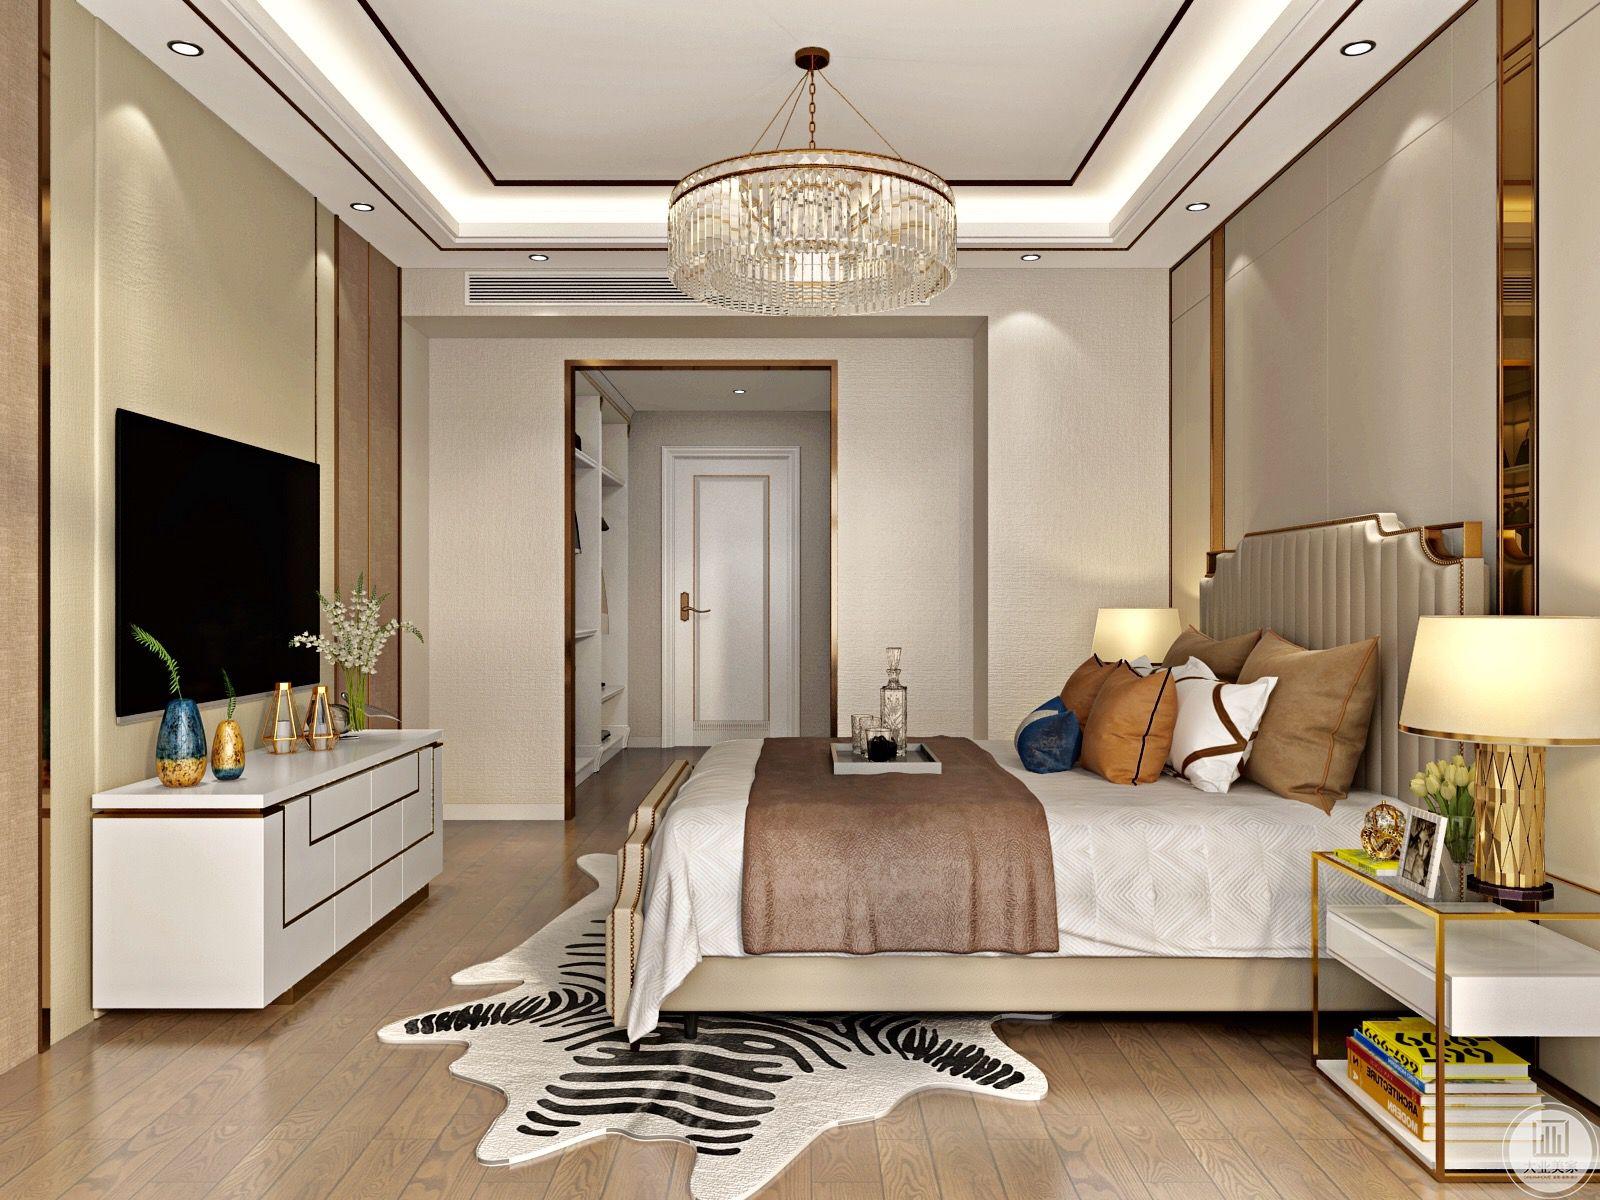 卧室布置较为温馨,作为主人的私密空间,主要功能性为主。